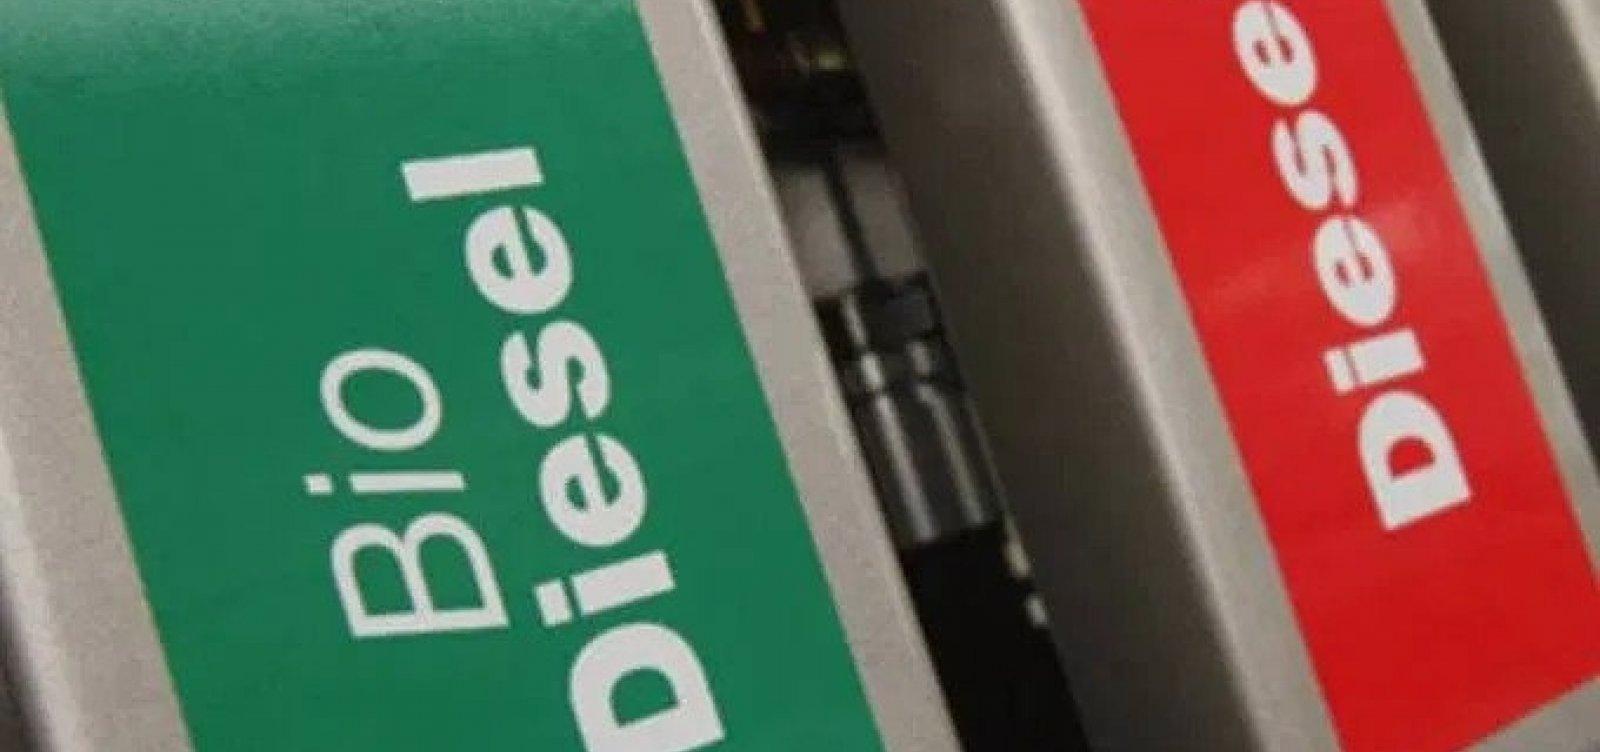 Petrobras reduz preço do diesel em R$ 0,08 nas refinarias